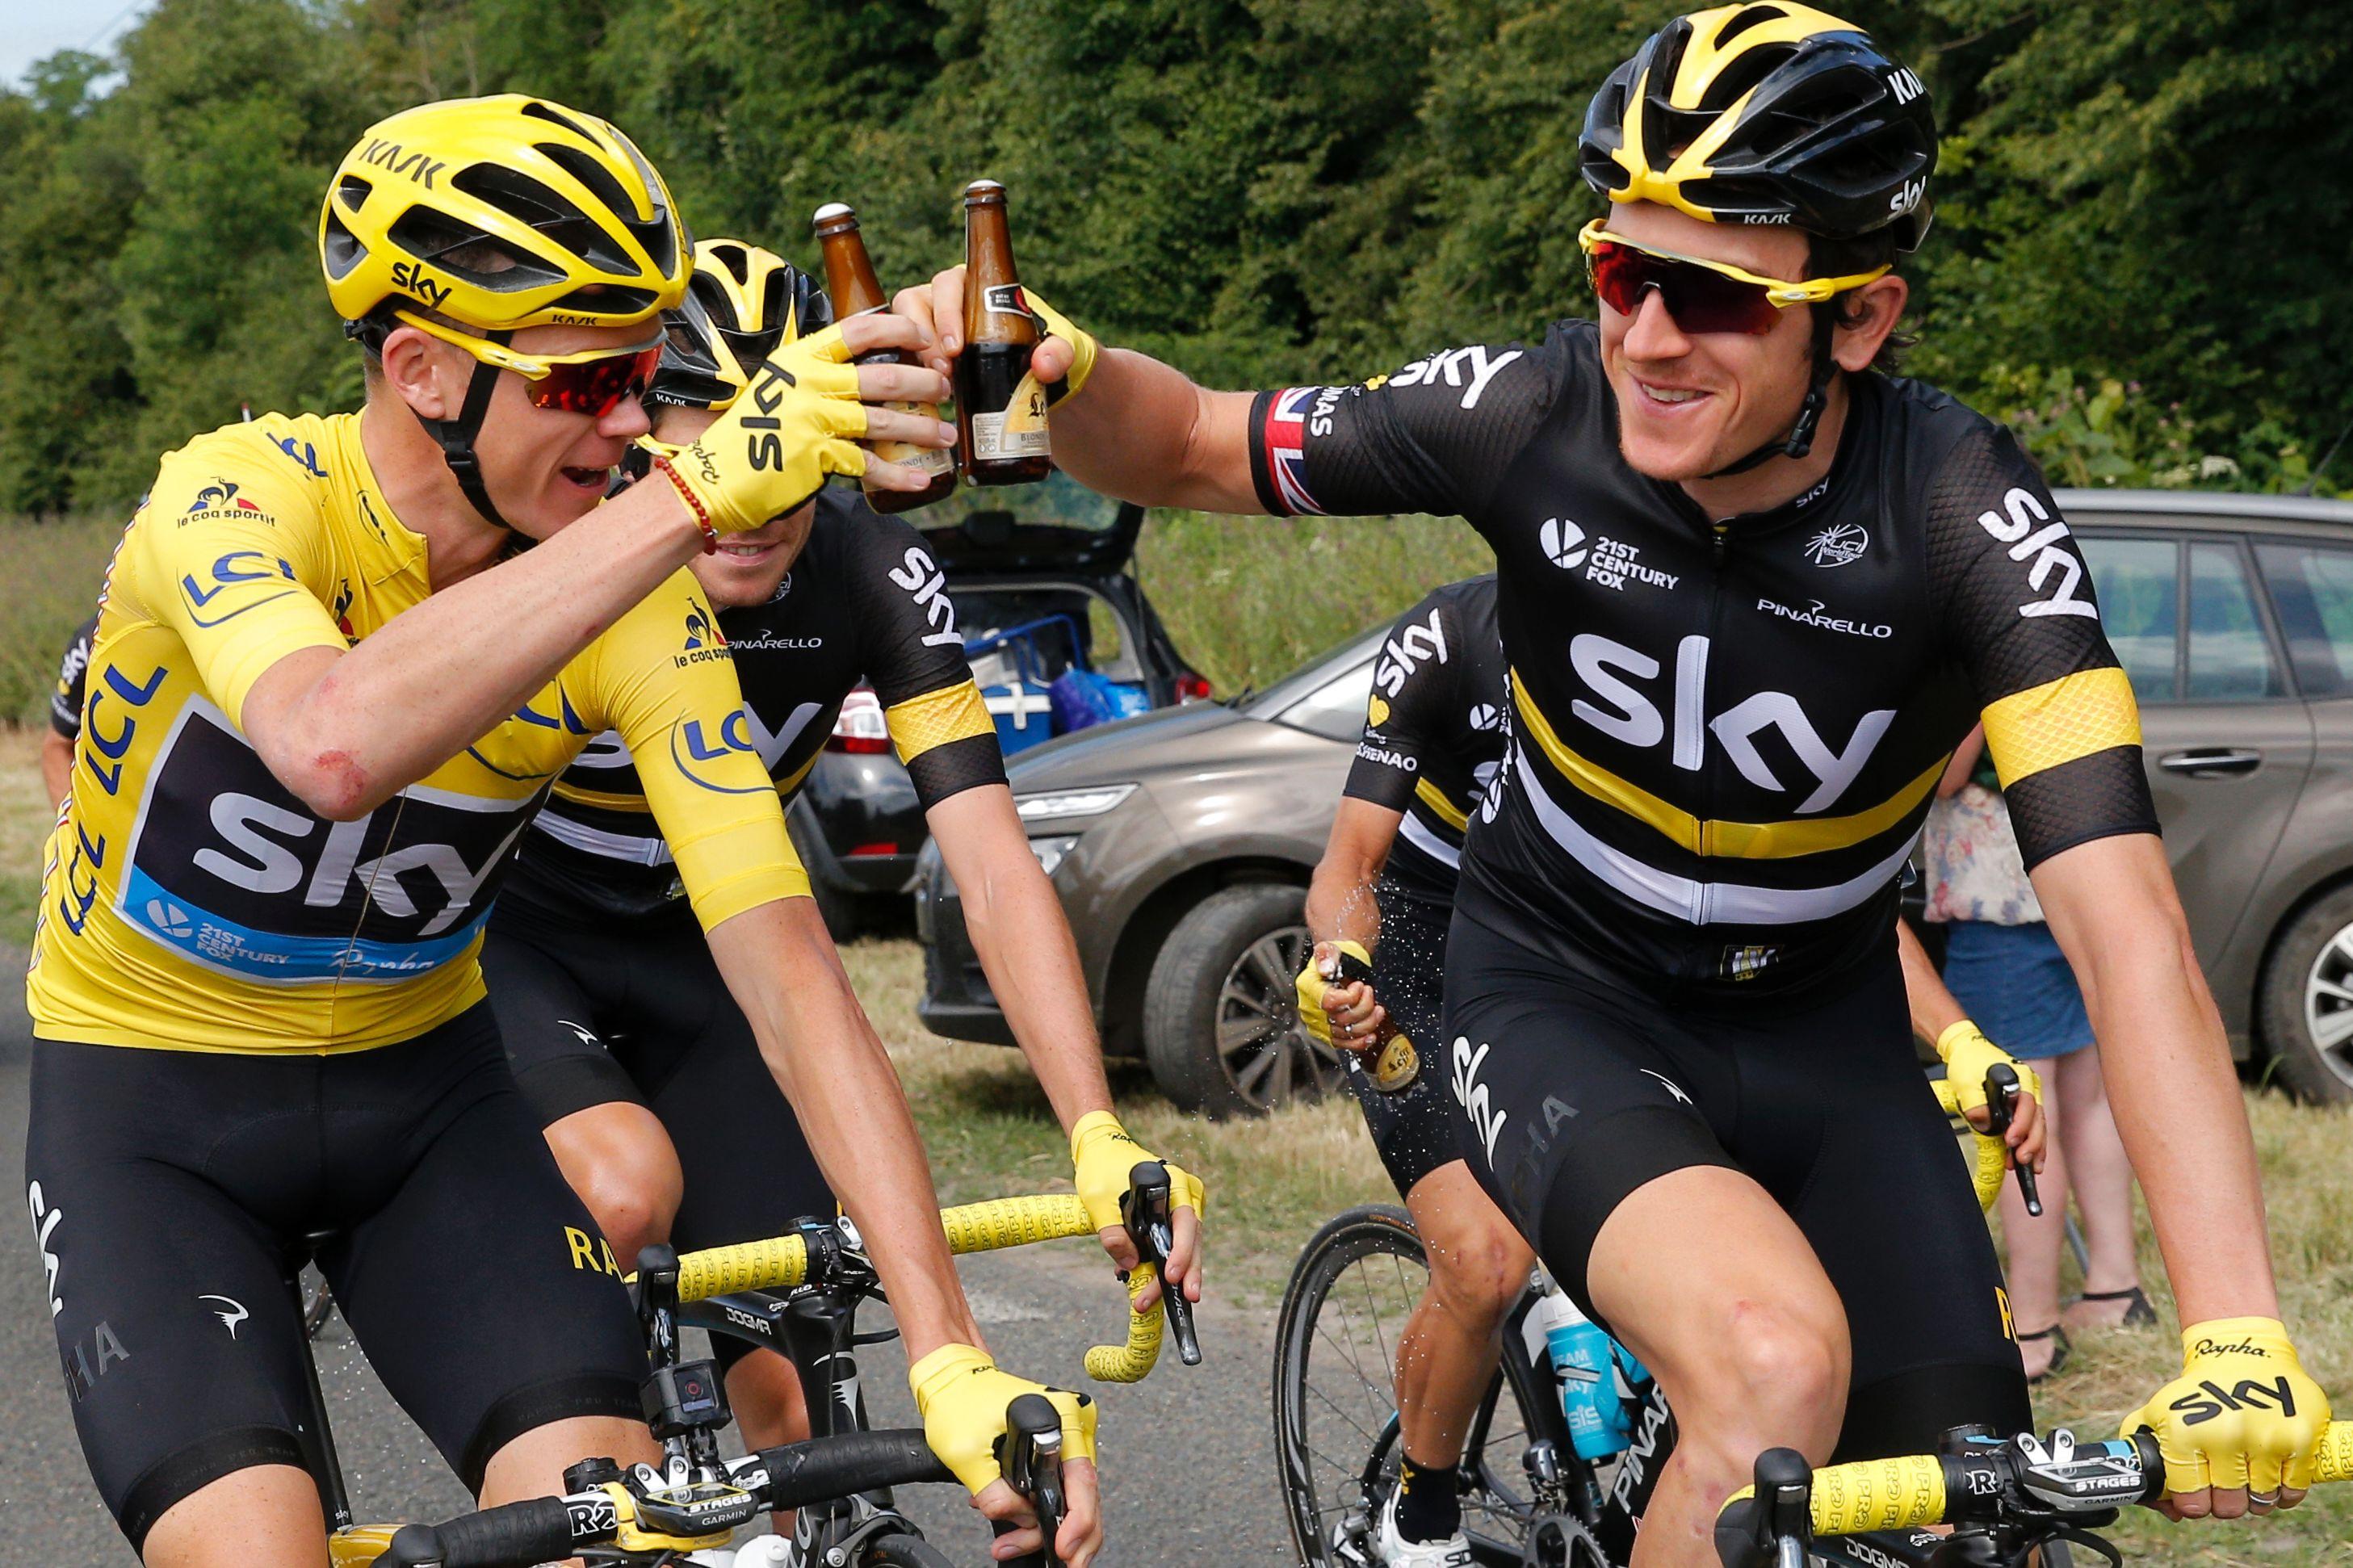 Tour de France - Chris Froome arrives in Paris for race finale - BBC Sport 14888c92d